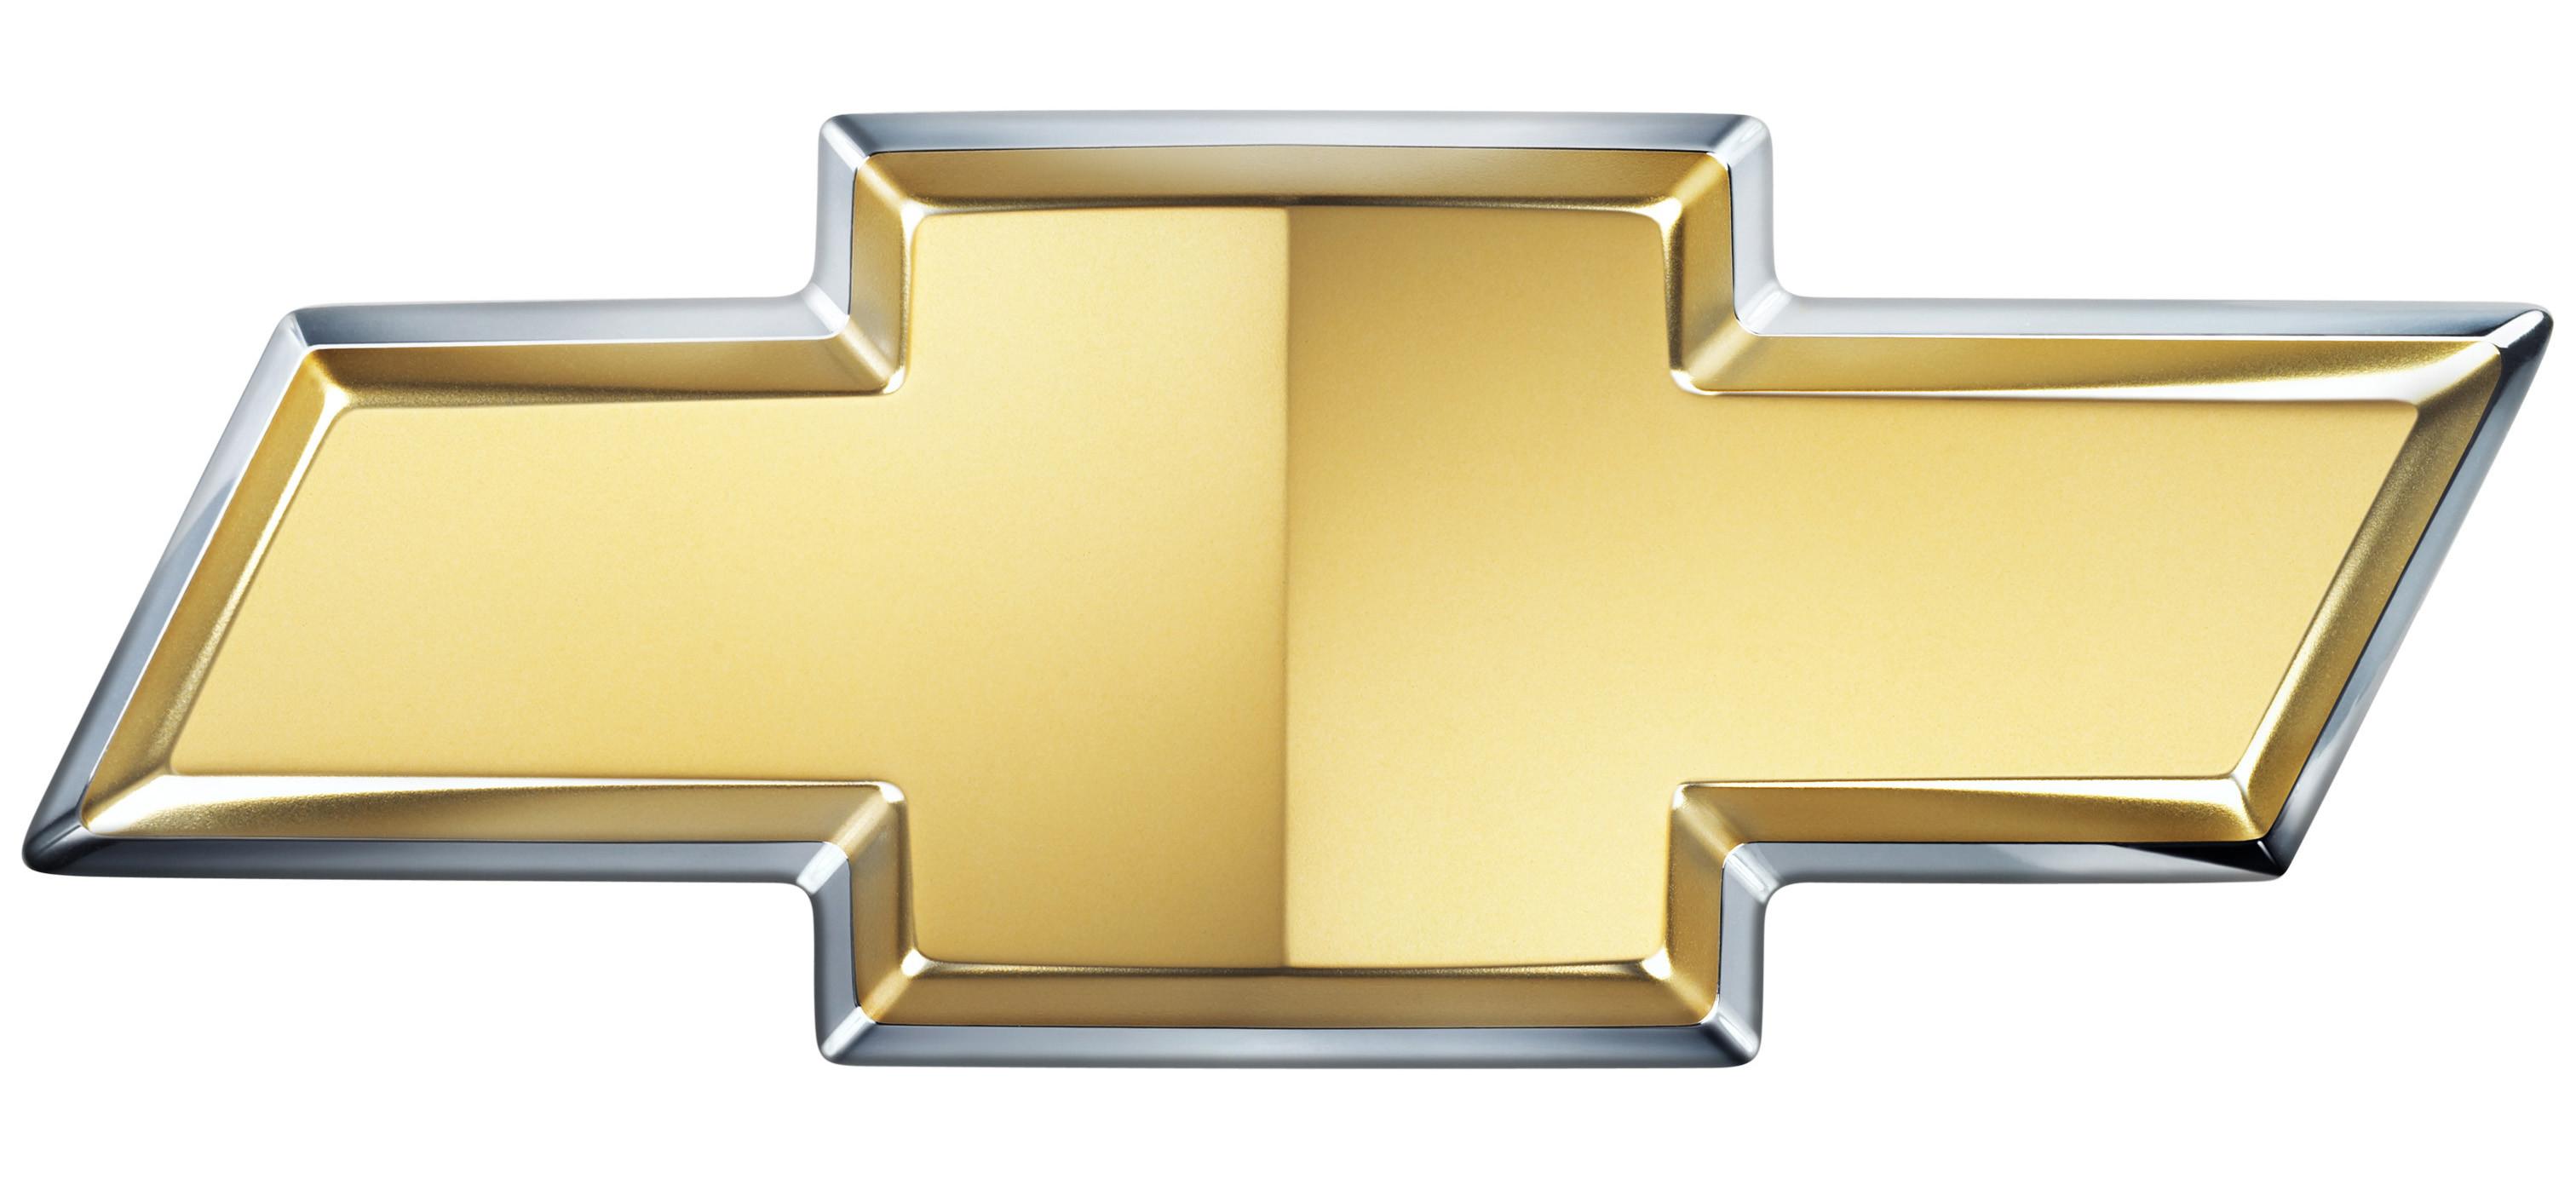 Image – chevy bowtie emblem